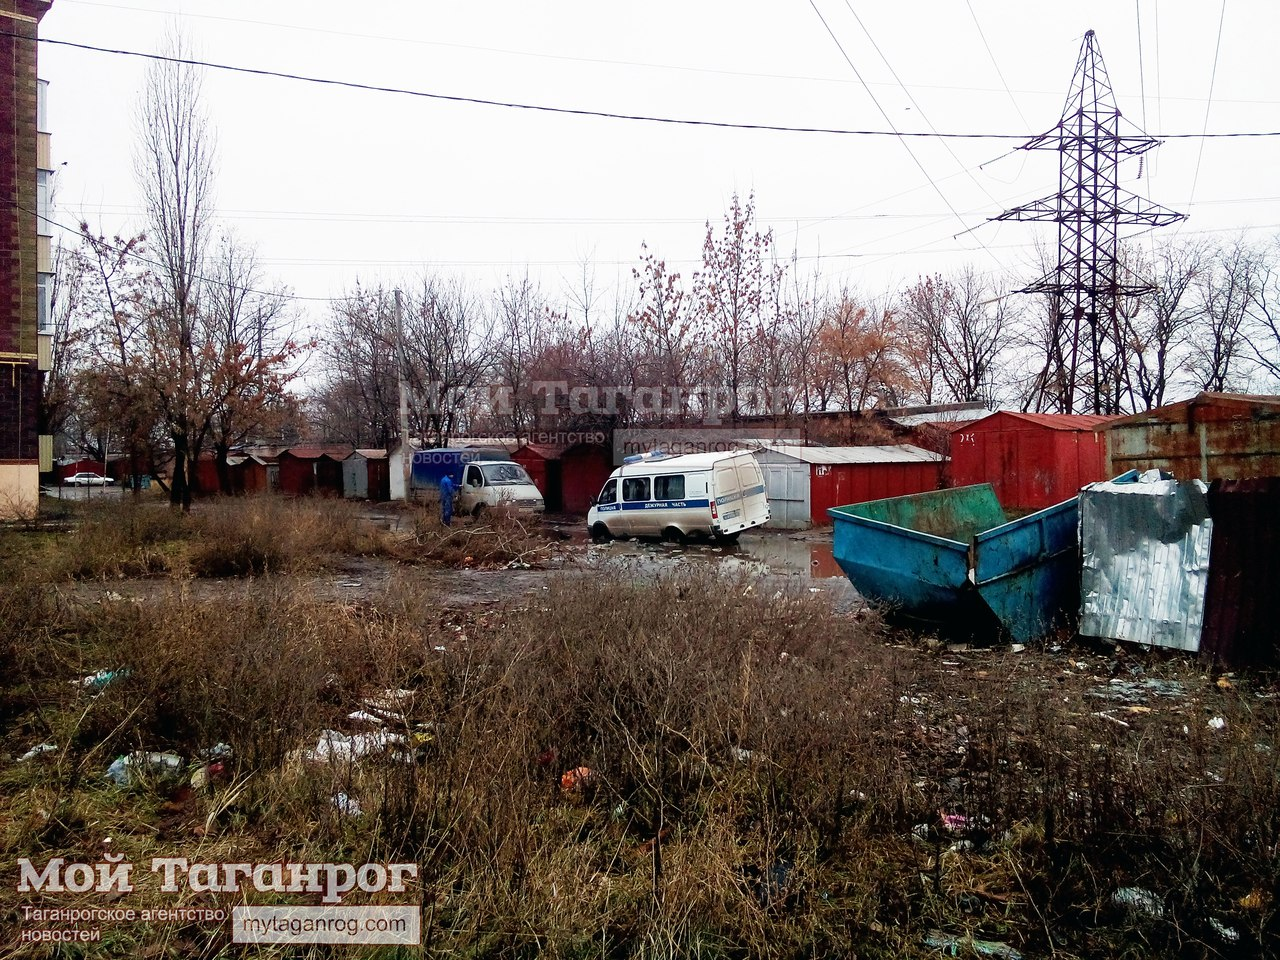 В Таганроге полицейская «ГАЗель» «села» в знаменитую «мариупольскую» яму